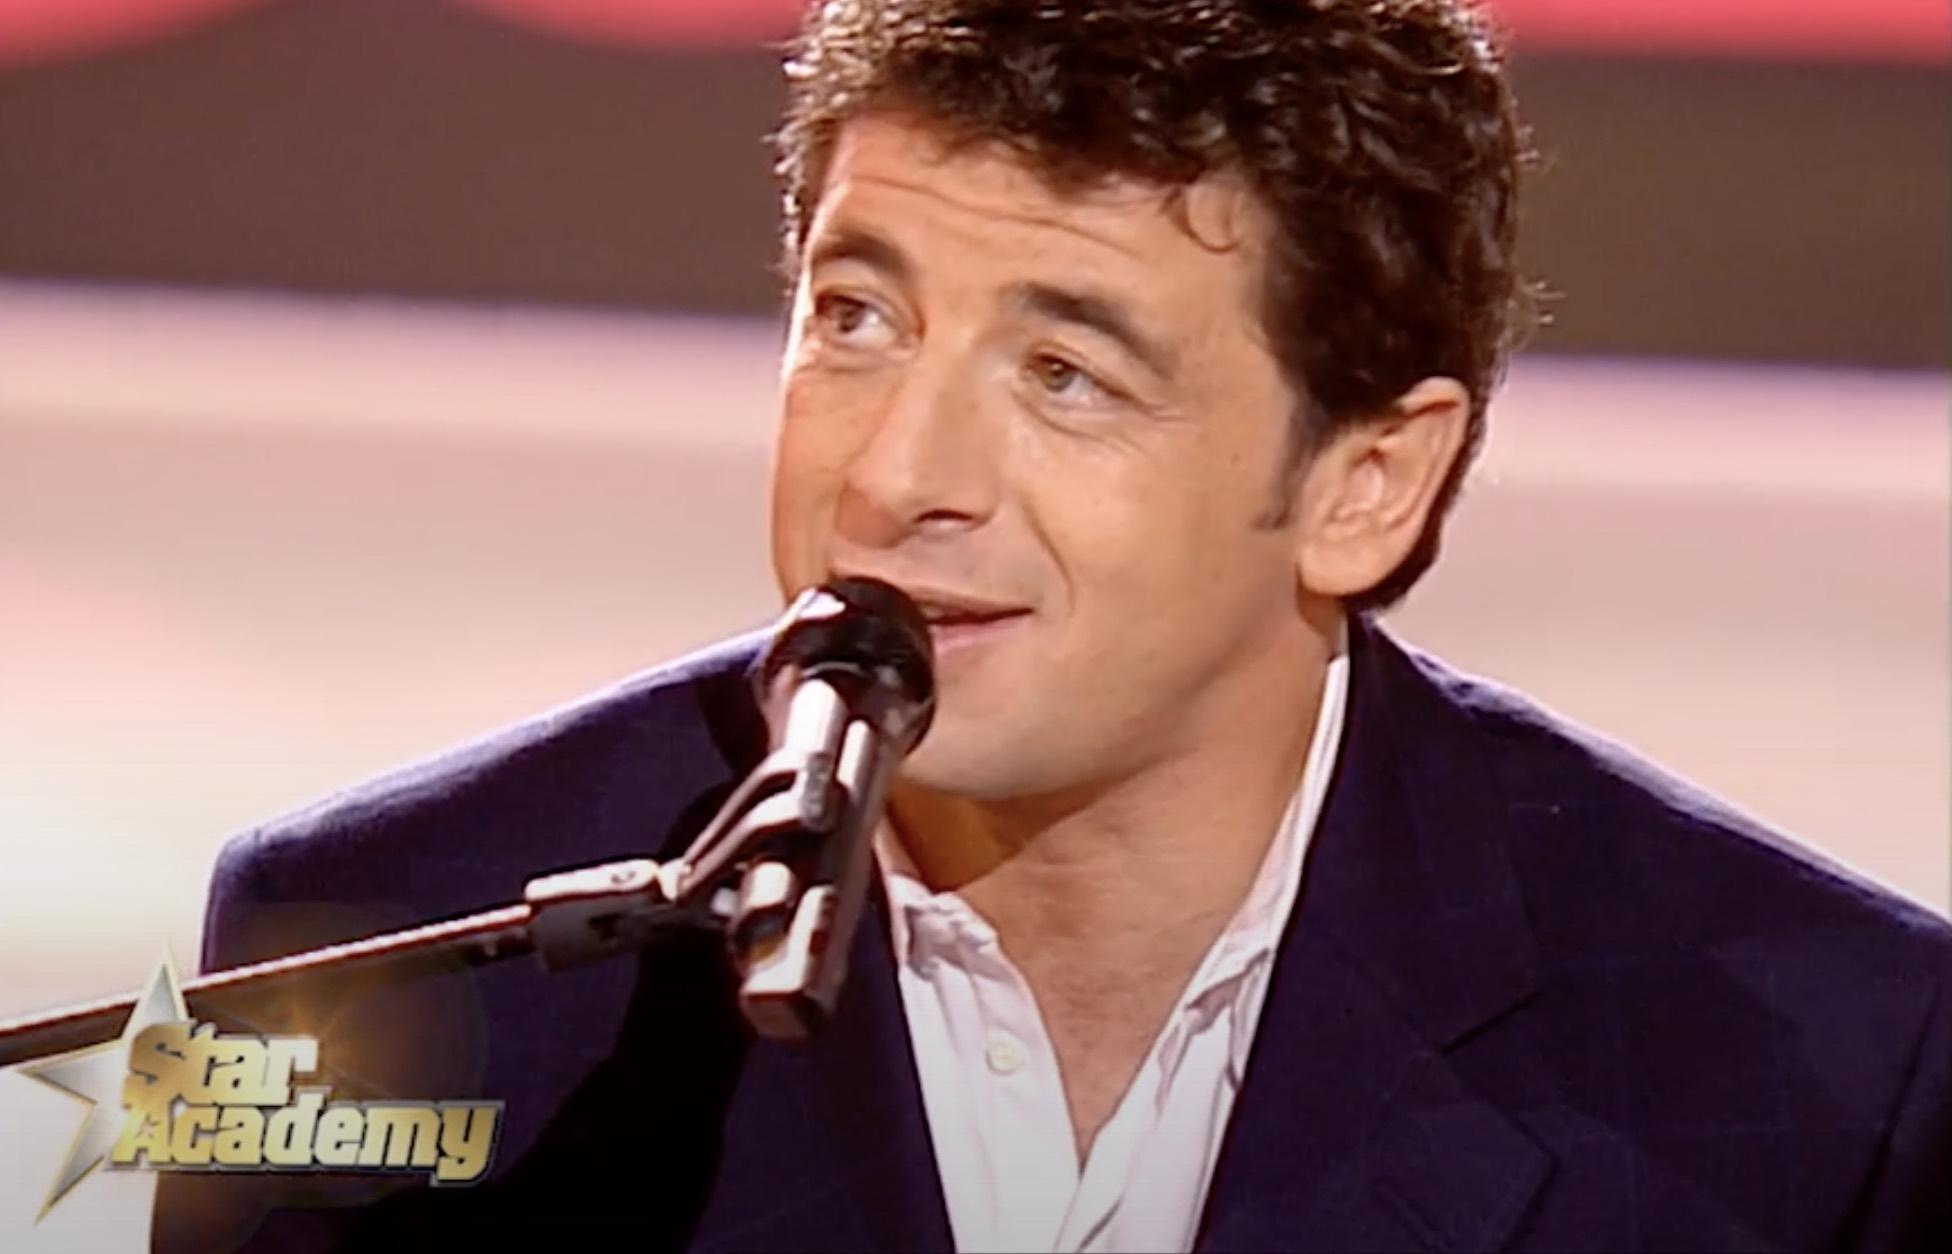 Star Academy - Patrick Bruel - invité - star